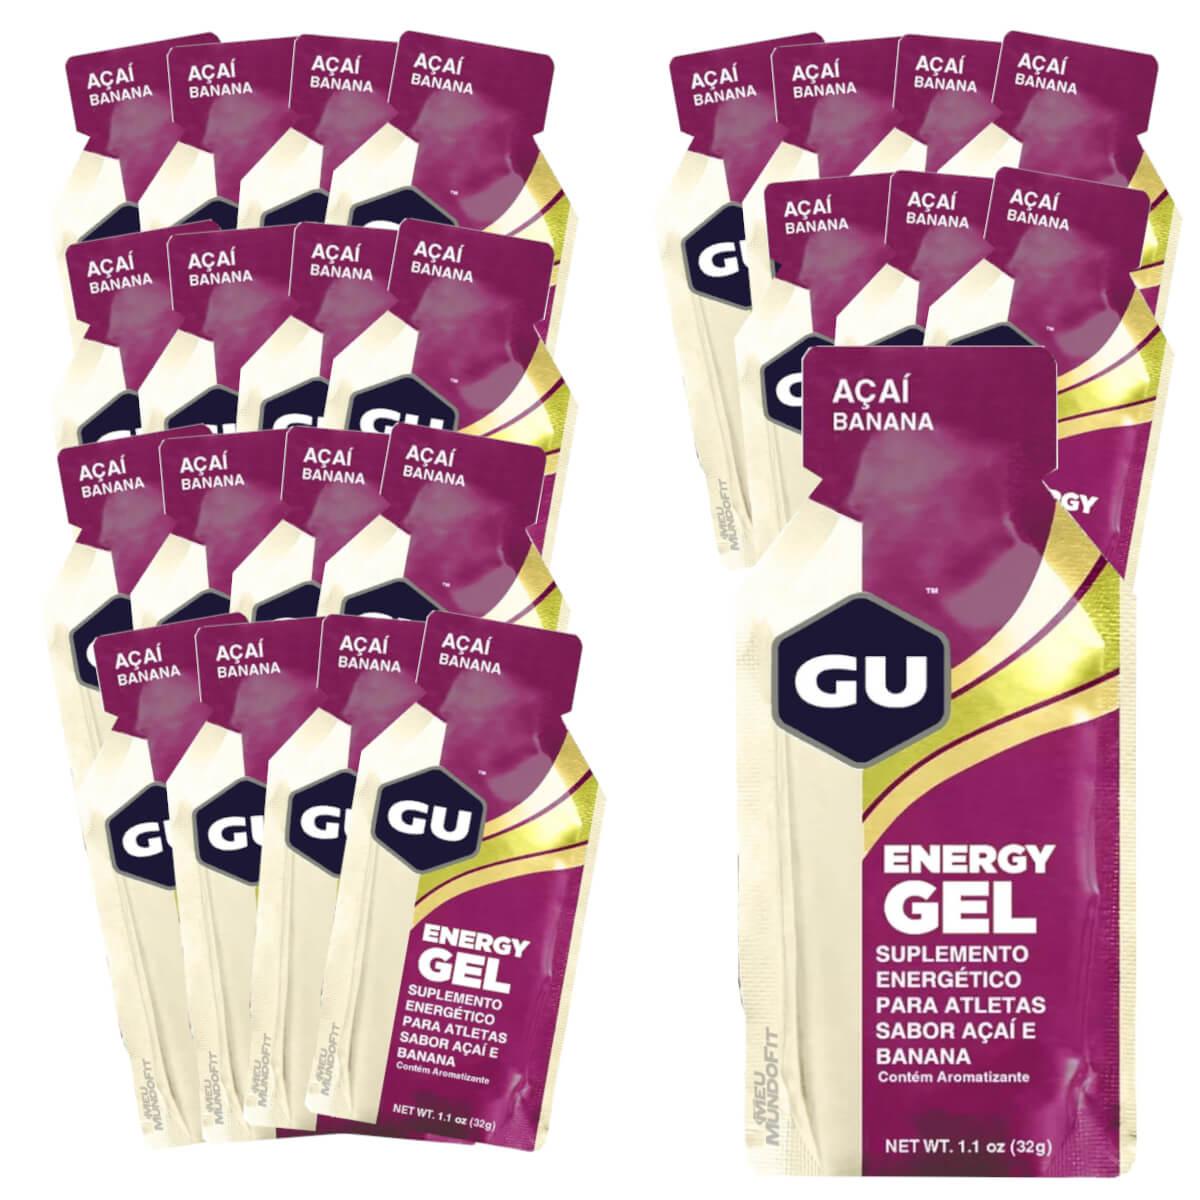 Caixa Gel Carboidrato Gu Energy Sabor Açai com Banana 24un